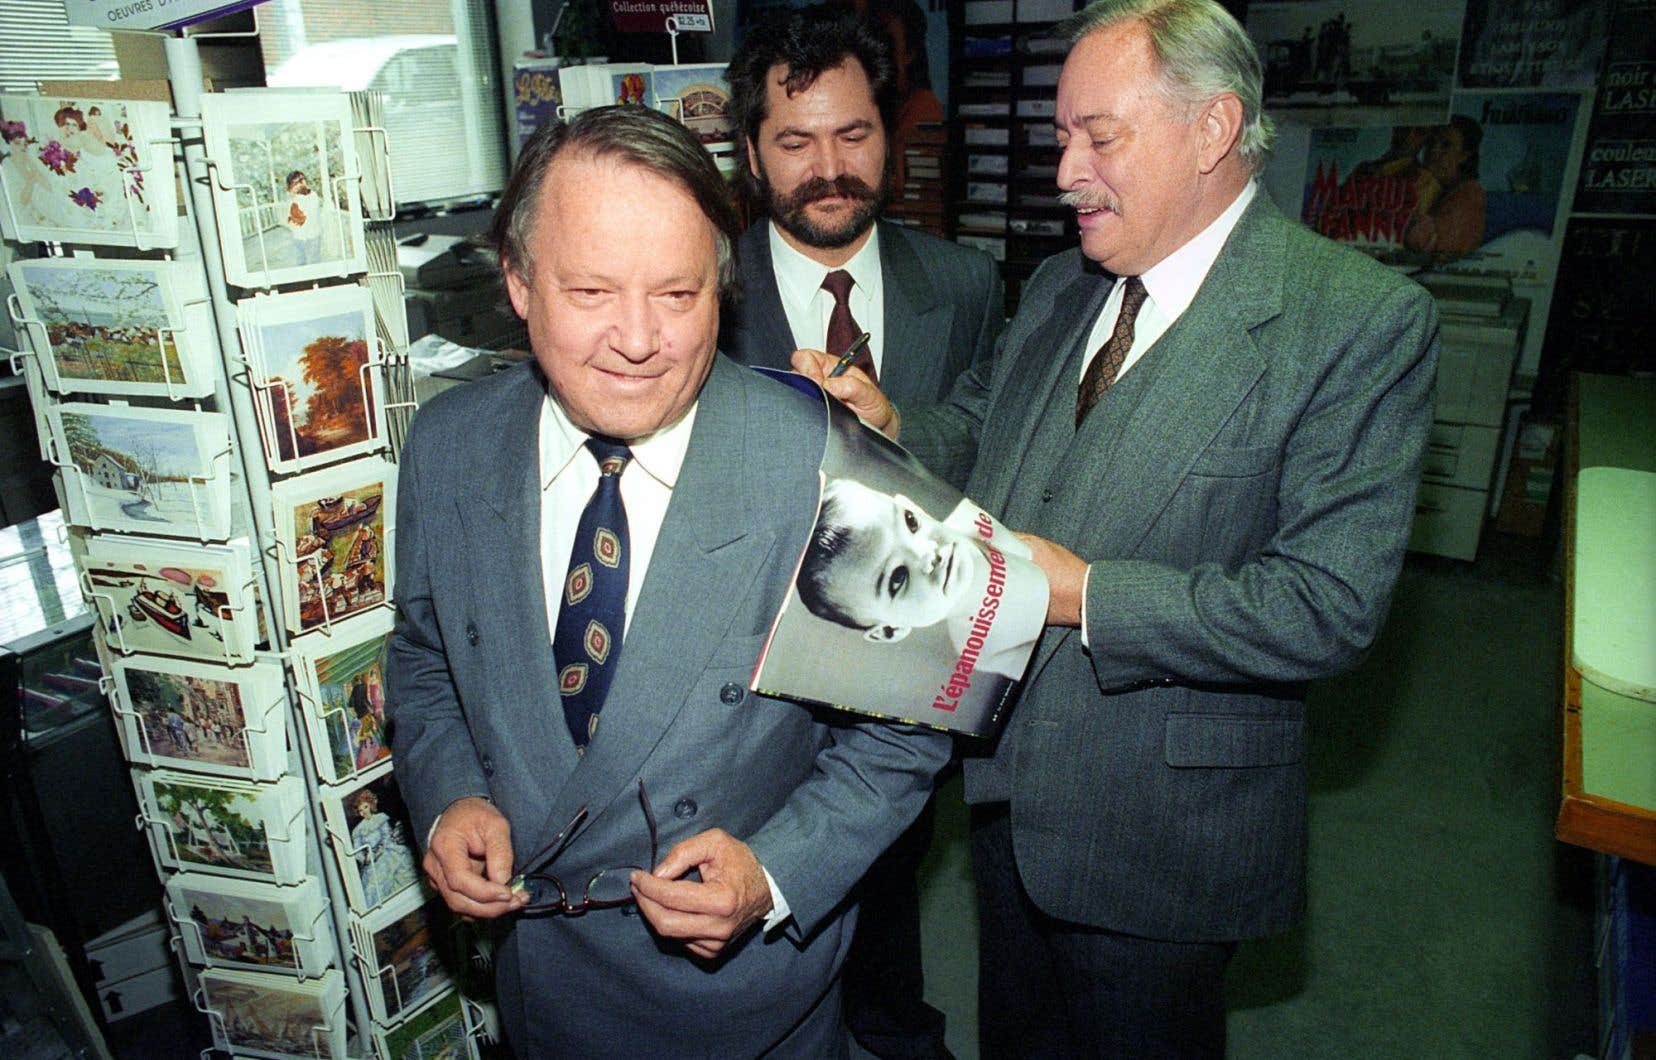 Bernard Landry a été ministre des Affaires internationales, de l'Immigration et des Communautés culturelles dans le cabinet Parizeau dans les années 1990.